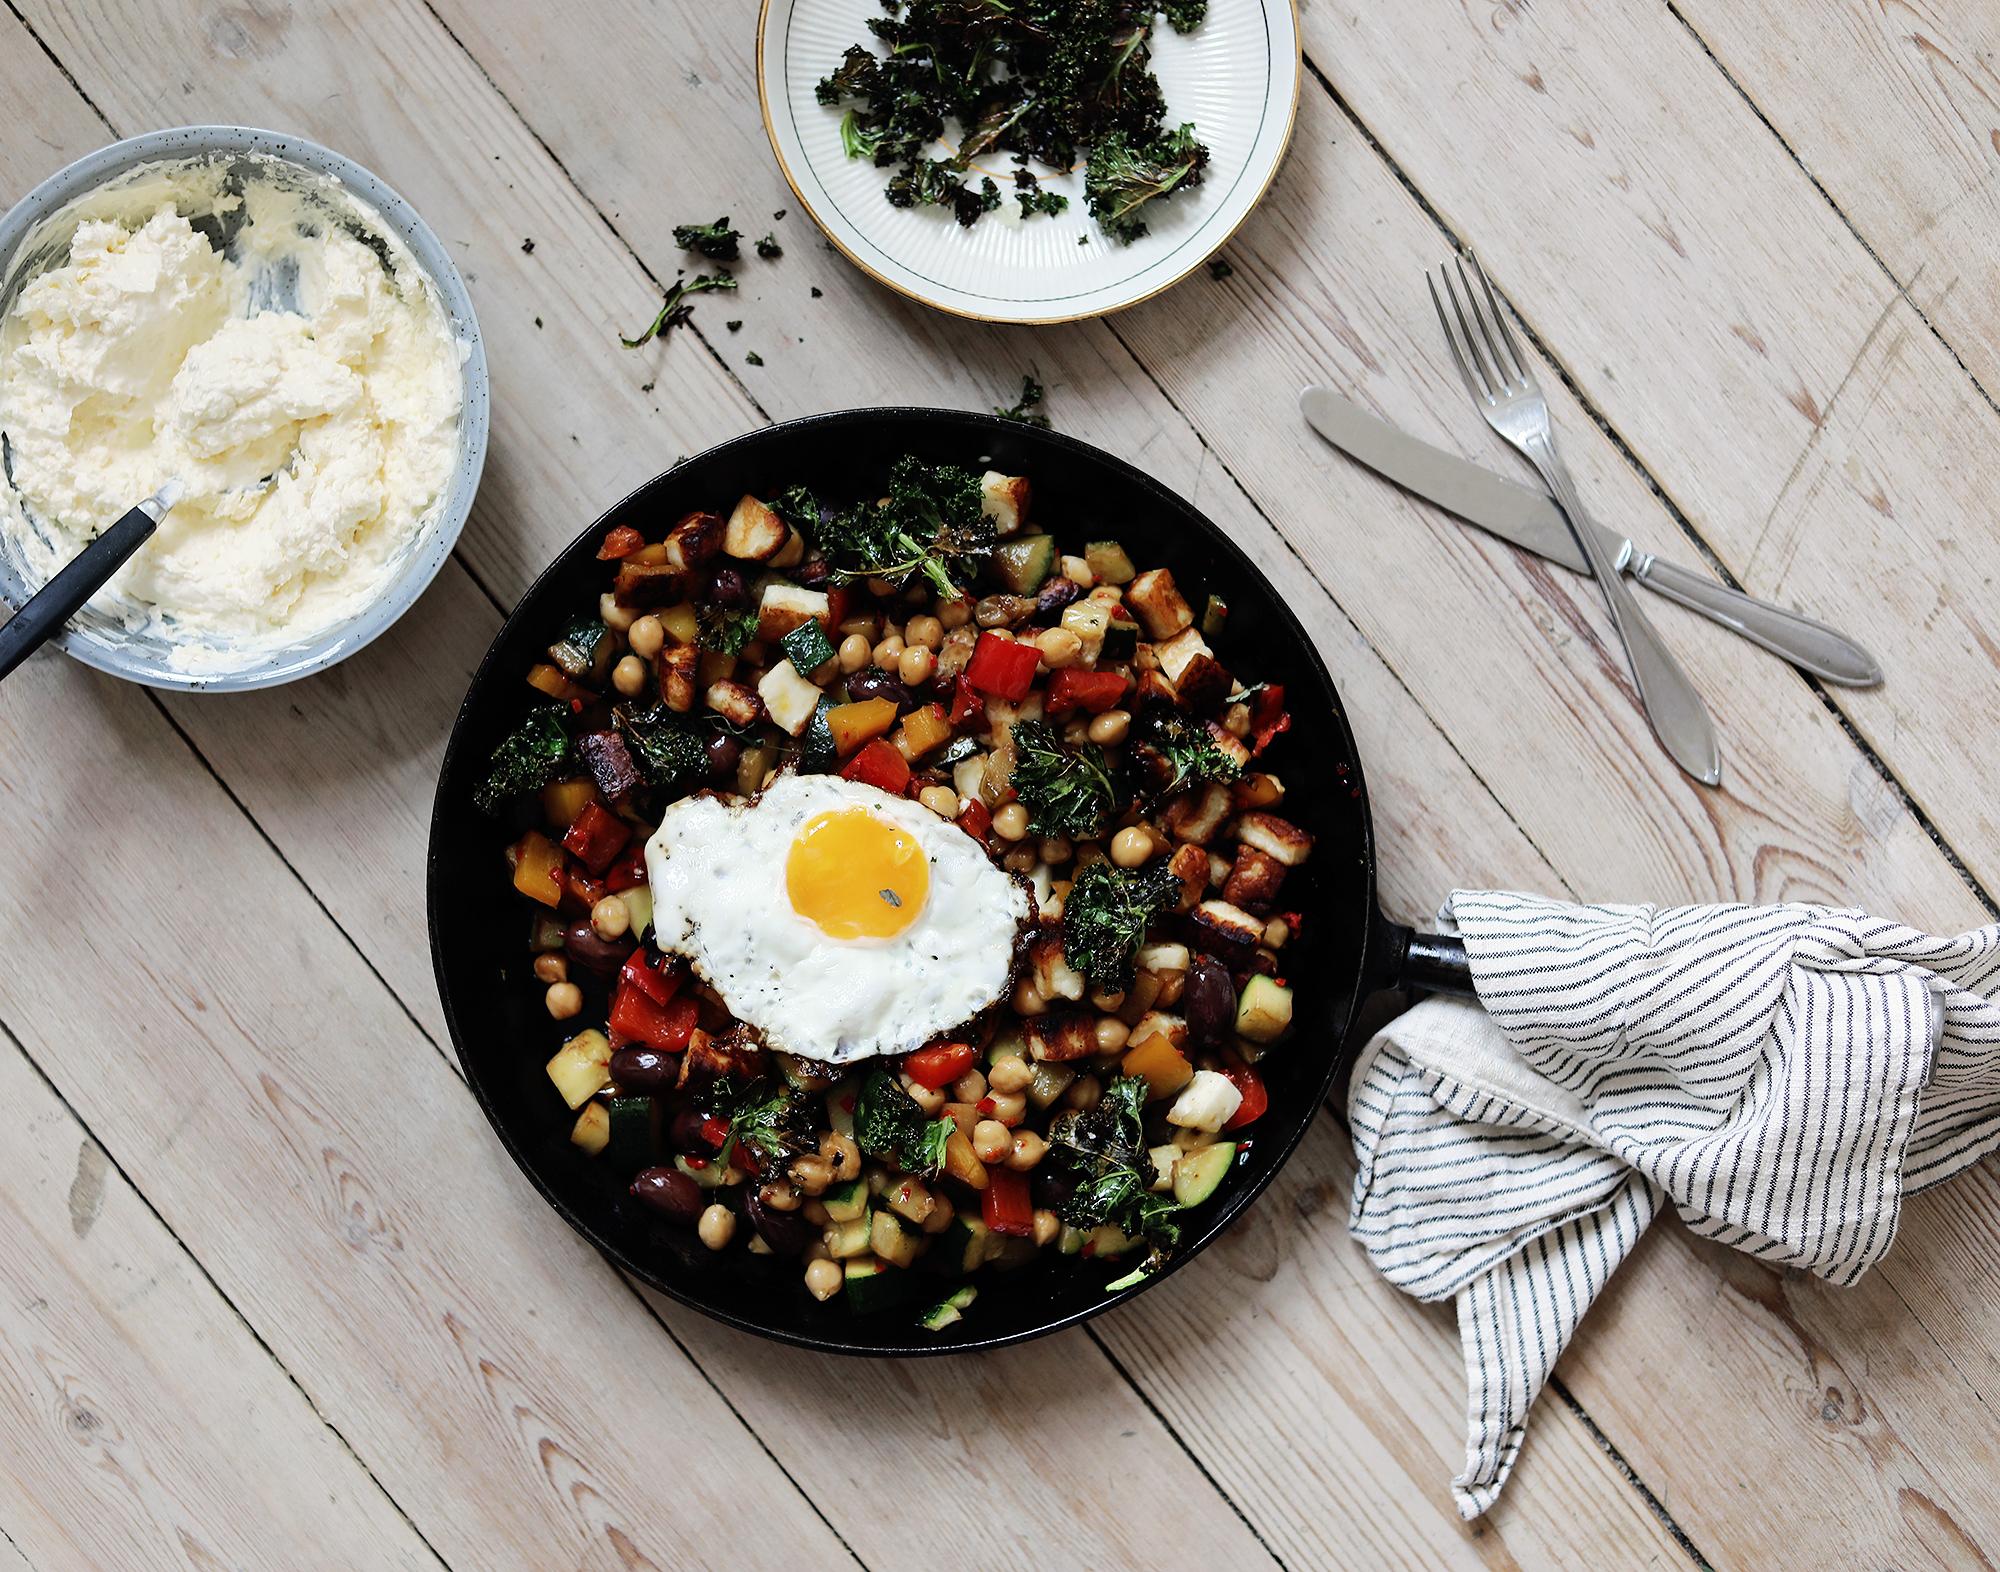 vegetariskt recept vegetariska middagsklubben pytt i panna tips middagstips enkelt chili grönkål paprika ägg